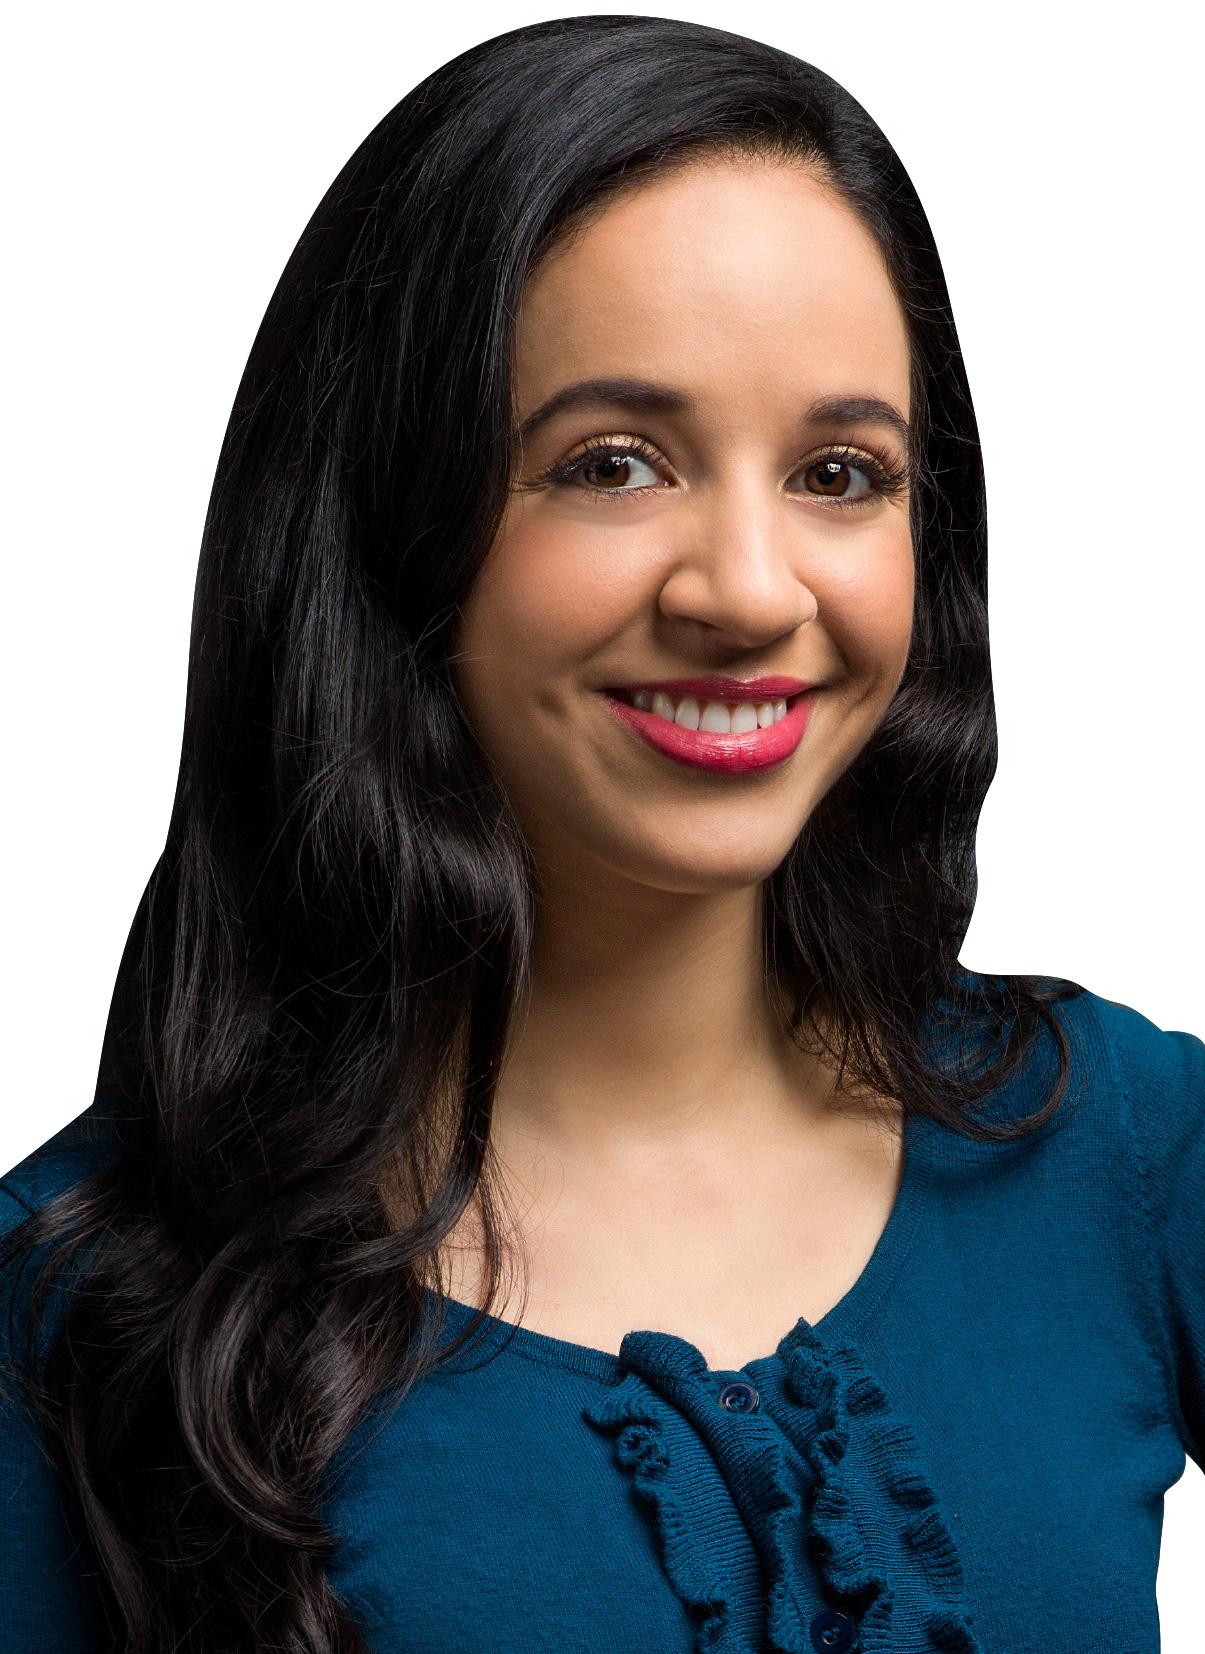 Cassie Pennicuik